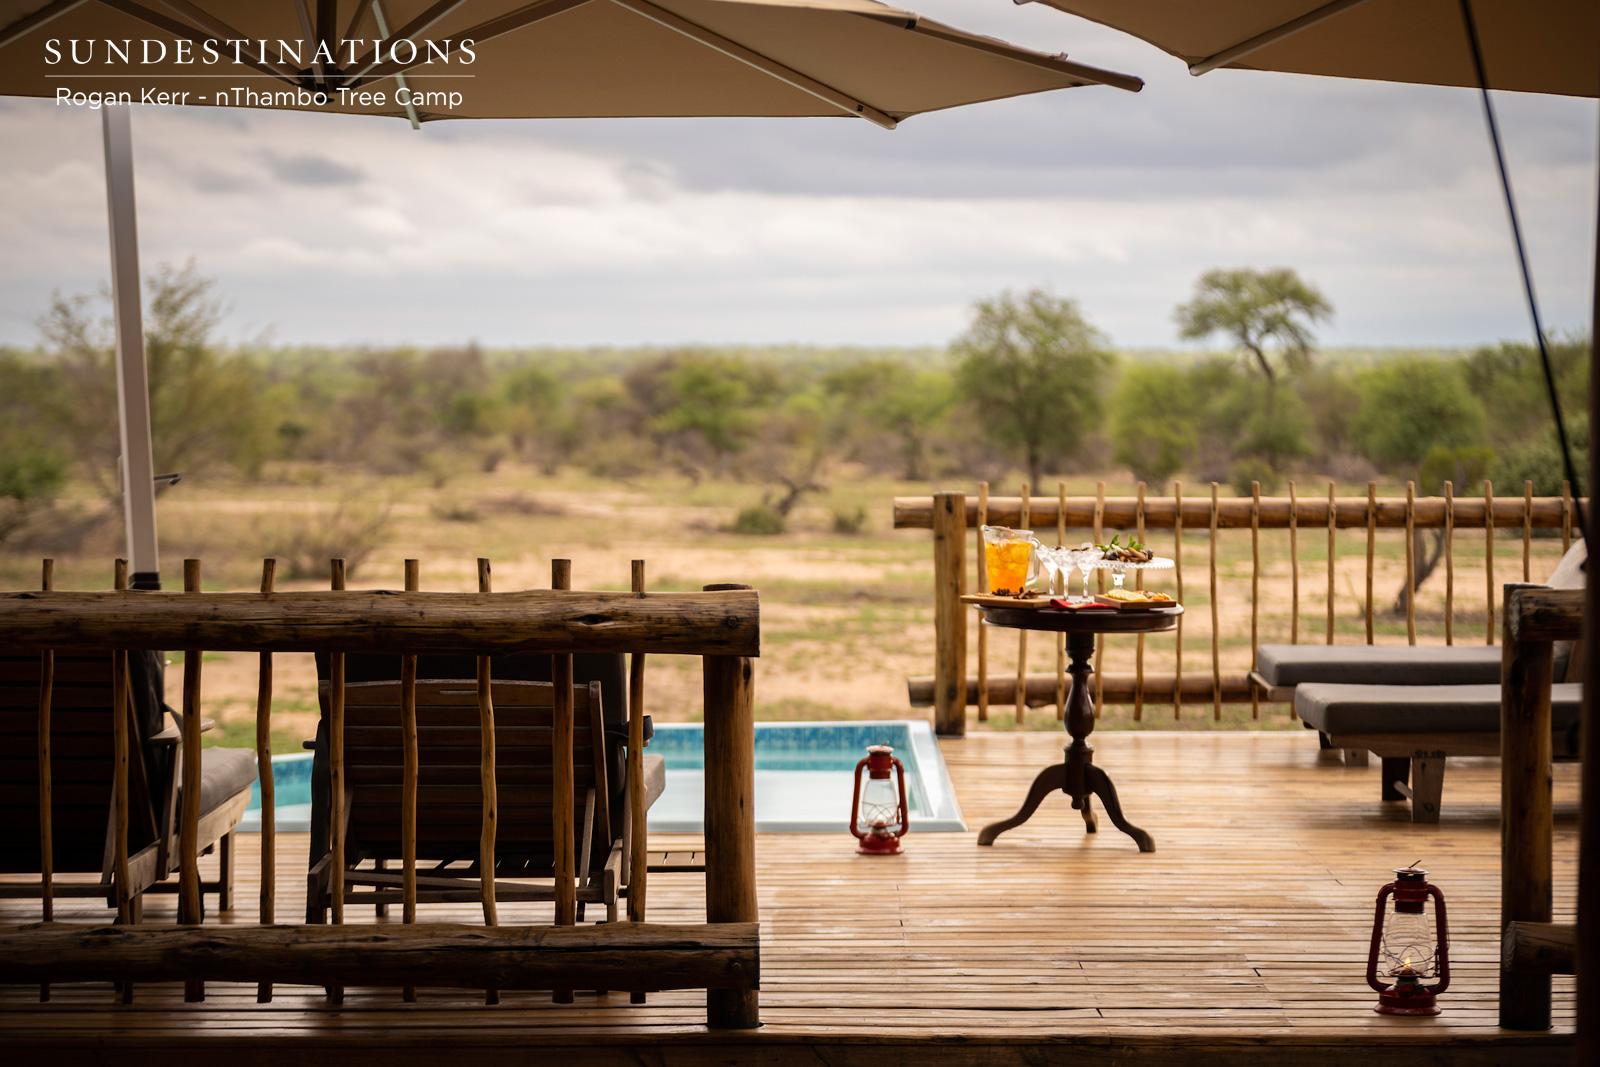 Wooden Balcony at nThambo